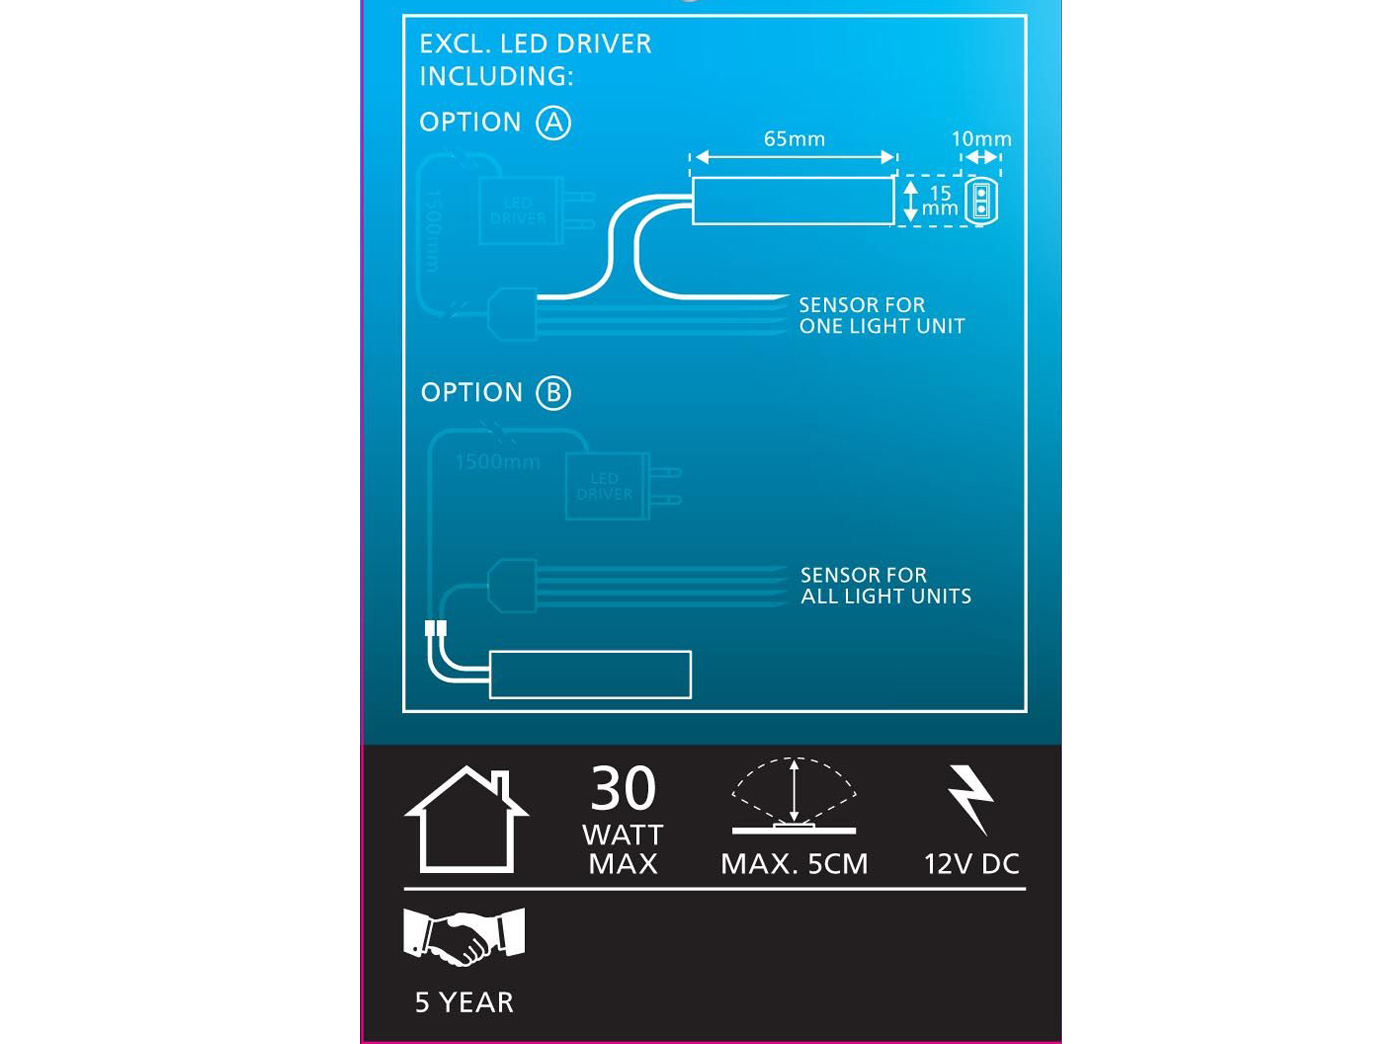 Zusatzsensor Widerstandssensor für Smartlight LED-Leuchten Möbeleinbauleuchten